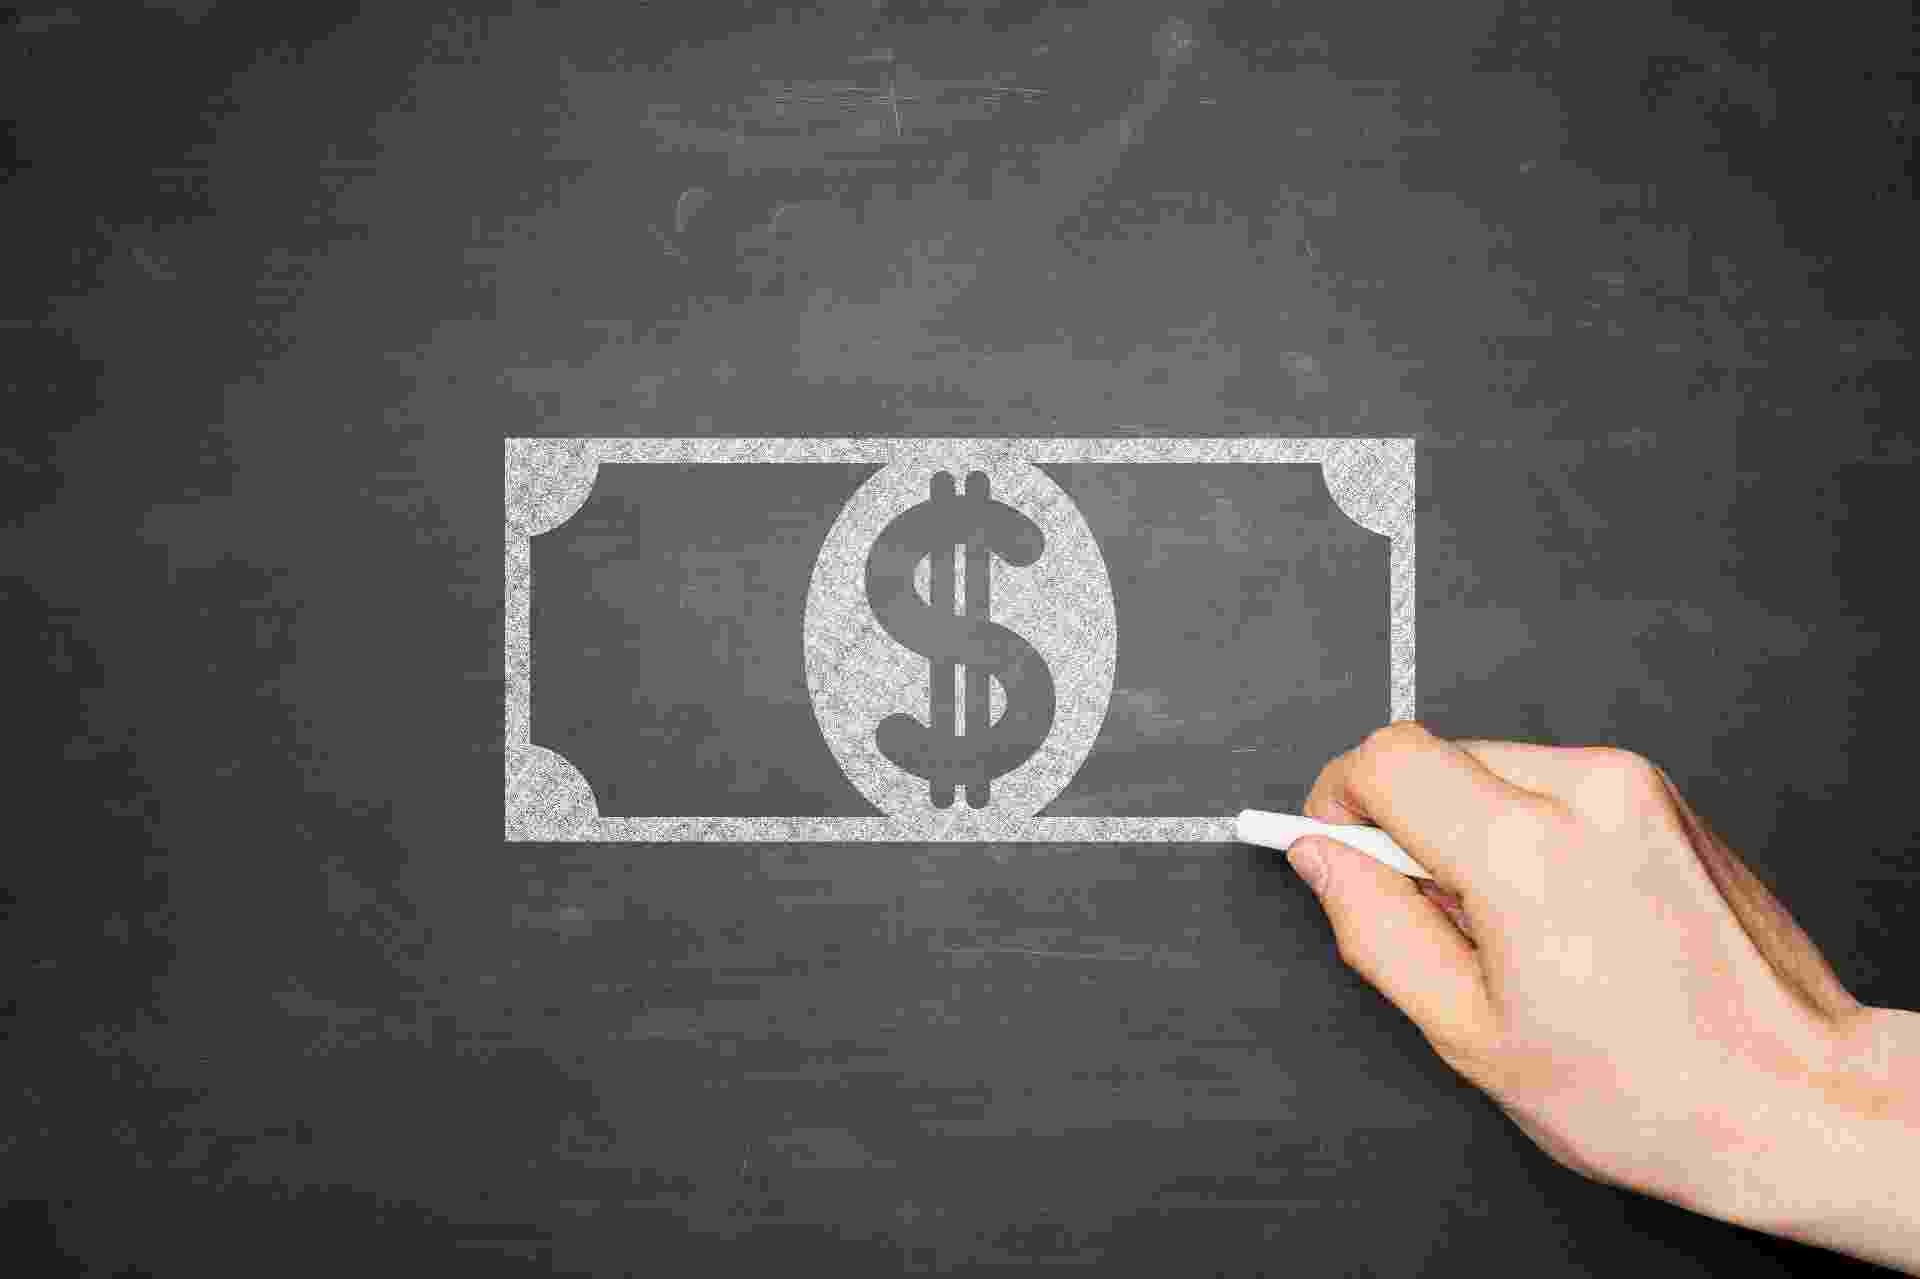 Dinheiro, poupança, finanças pessoais, investimento, economia - Getty Images/iStockphoto/StockFinland